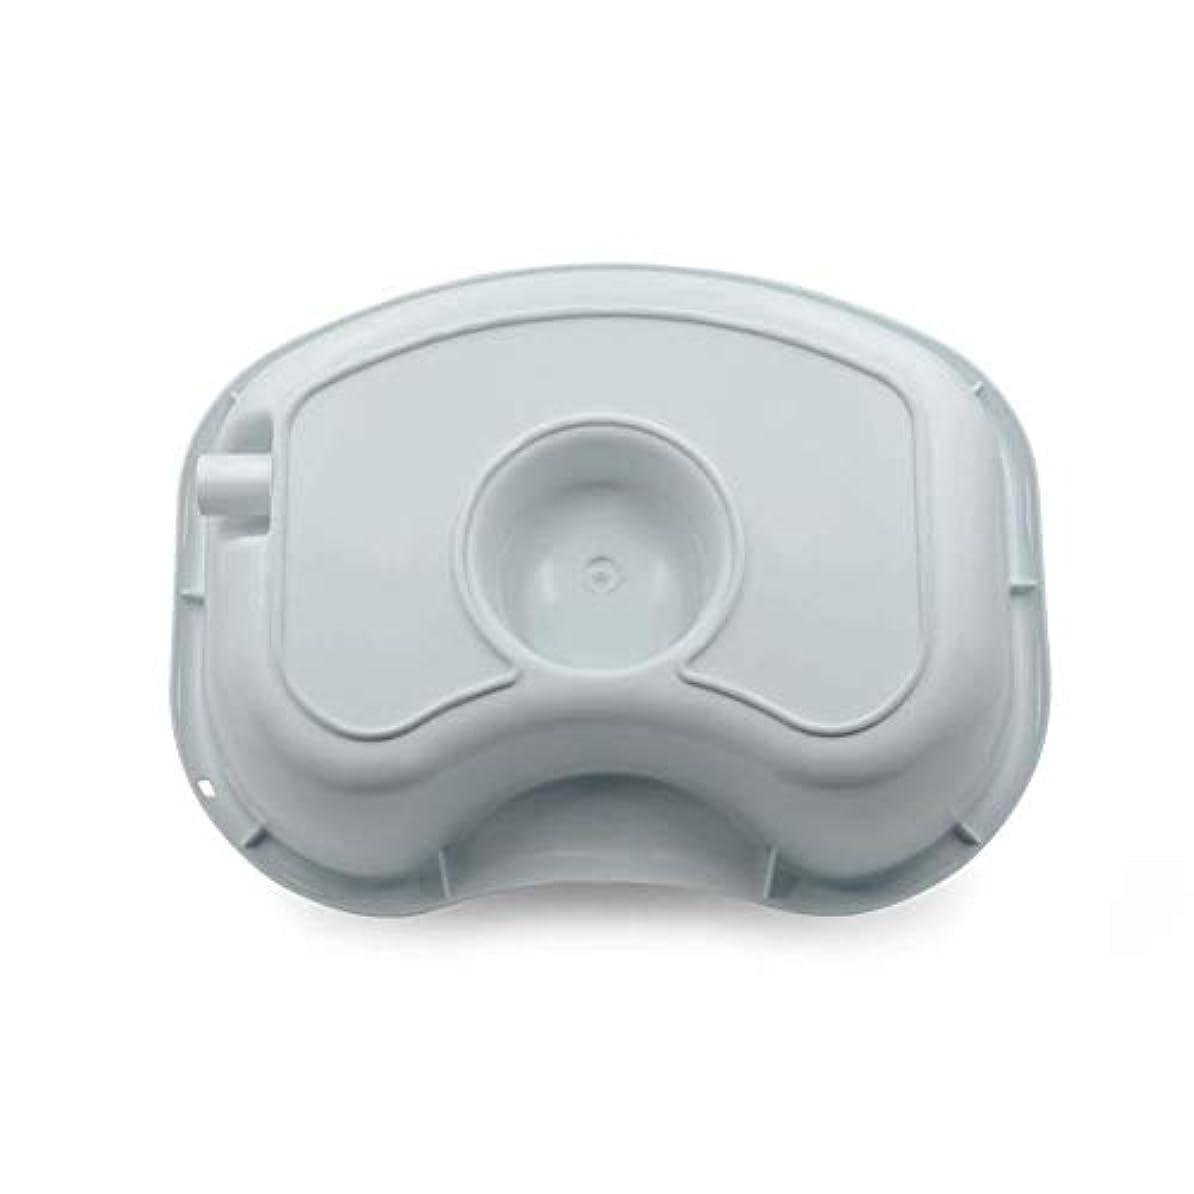 地味な周波数タクトメディカルペイシェントケアシャンプー洗面器-ベッドで洗髪、ポータブルメディカルイージーベッドシャンプープラスチック洗面器洗髪